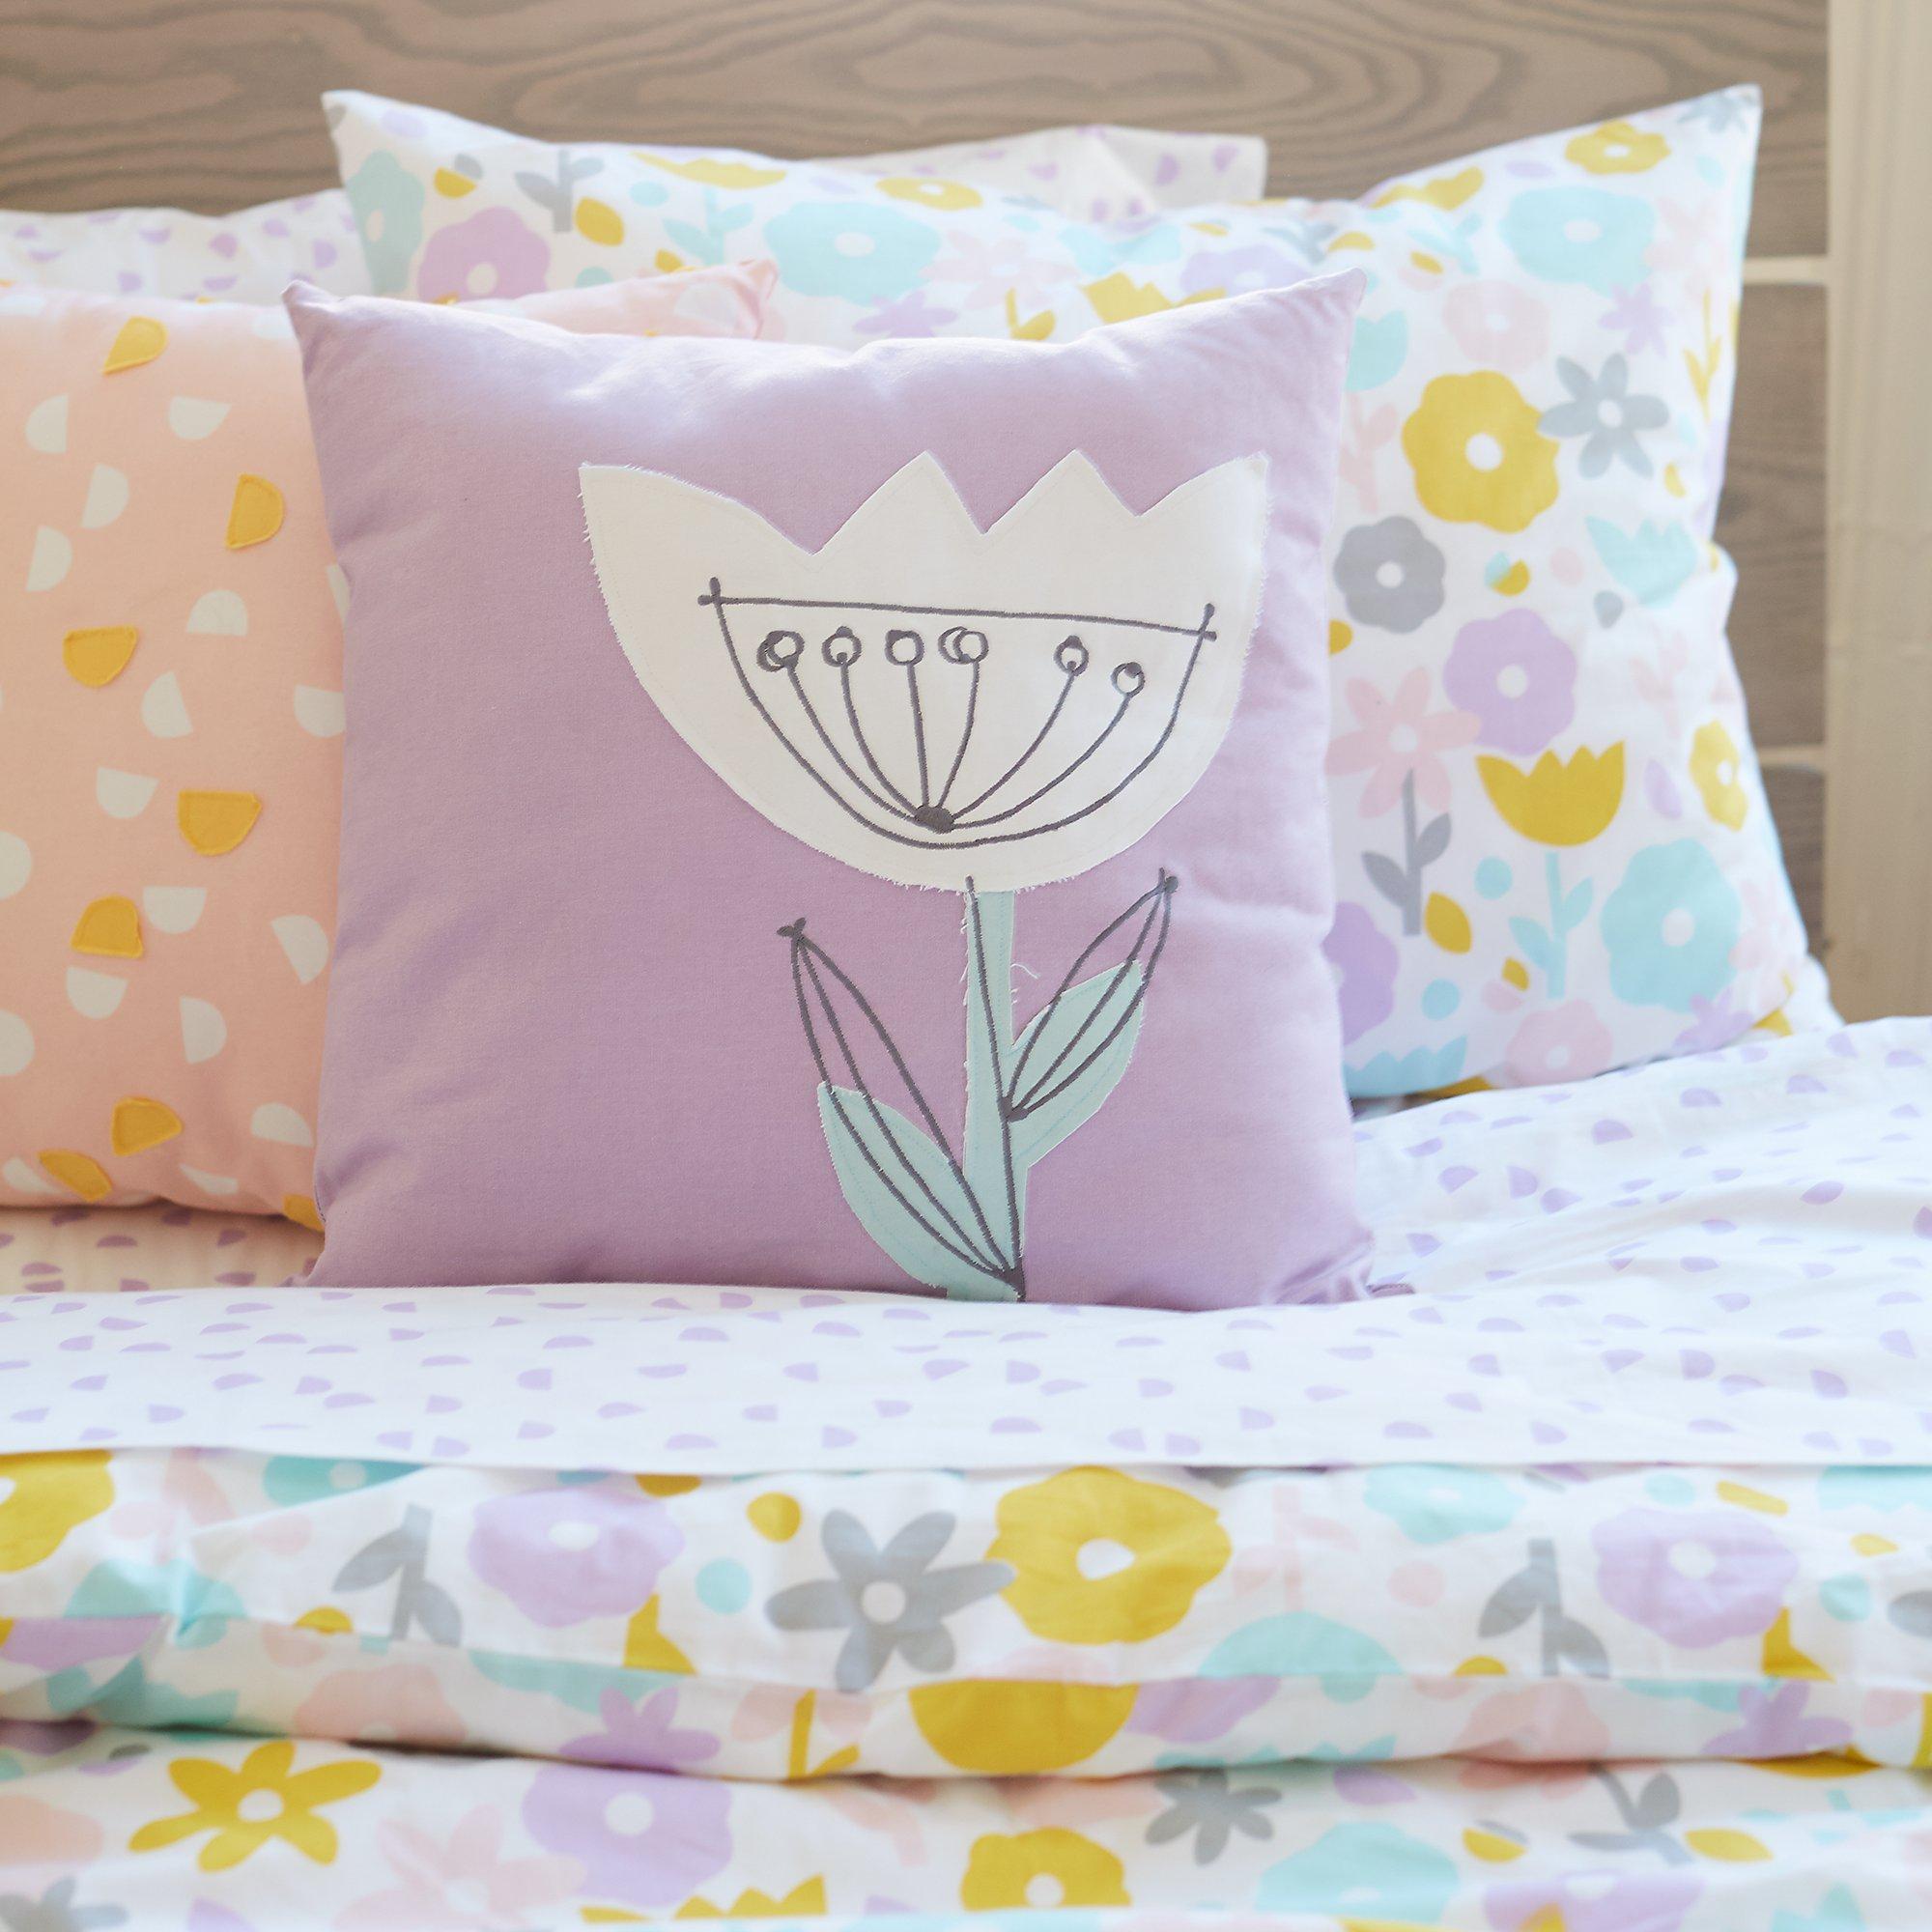 flower-sketch-throw-pillow3.jpg